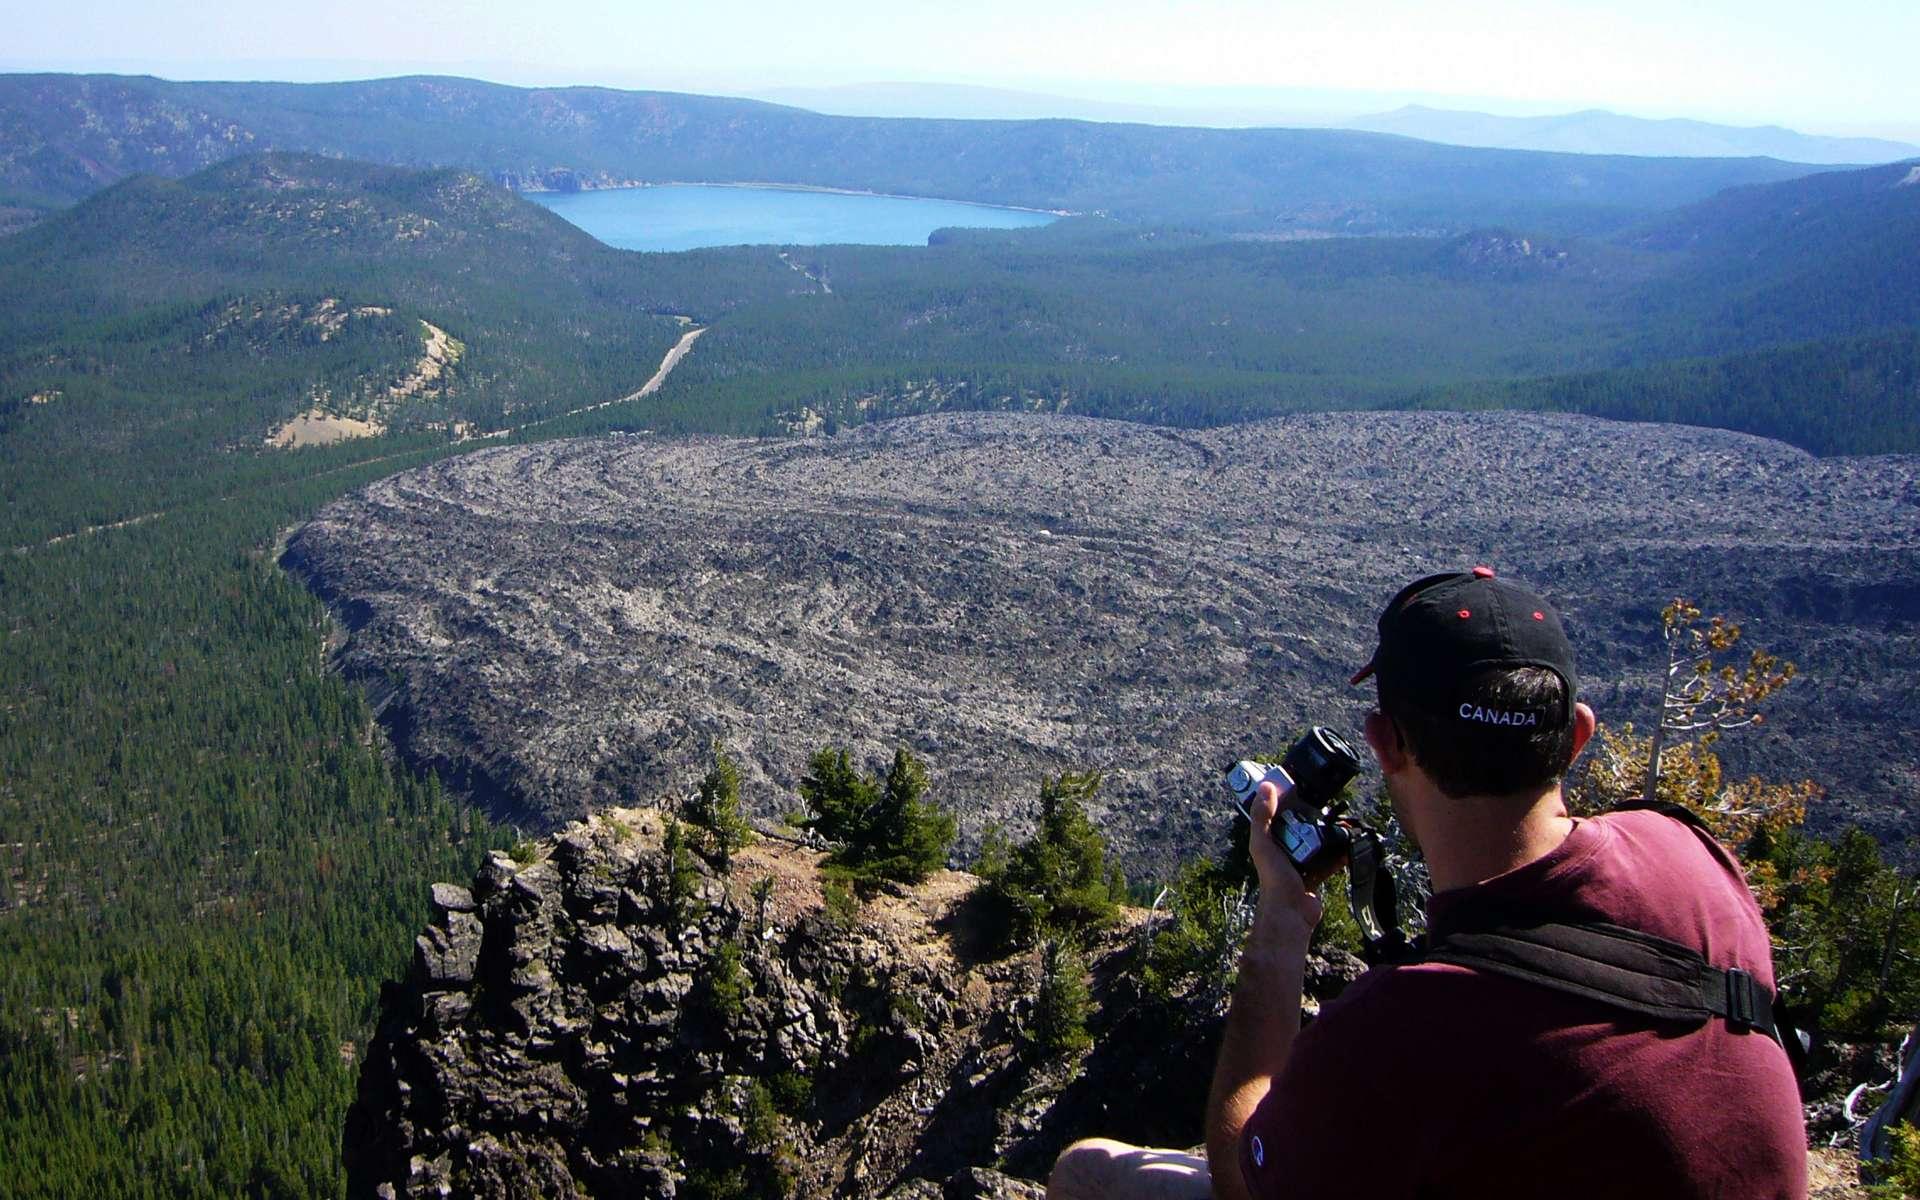 Cette vue saisissante prise depuis le bord sud de la caldeira de Newberry, en Oregon, montre la plus récente coulée de lave de ce volcan. Nommée Big Obsidian Flow, elle provient de sa dernière éruption il y a environ 1.300 ans. ©️ Victor Camp